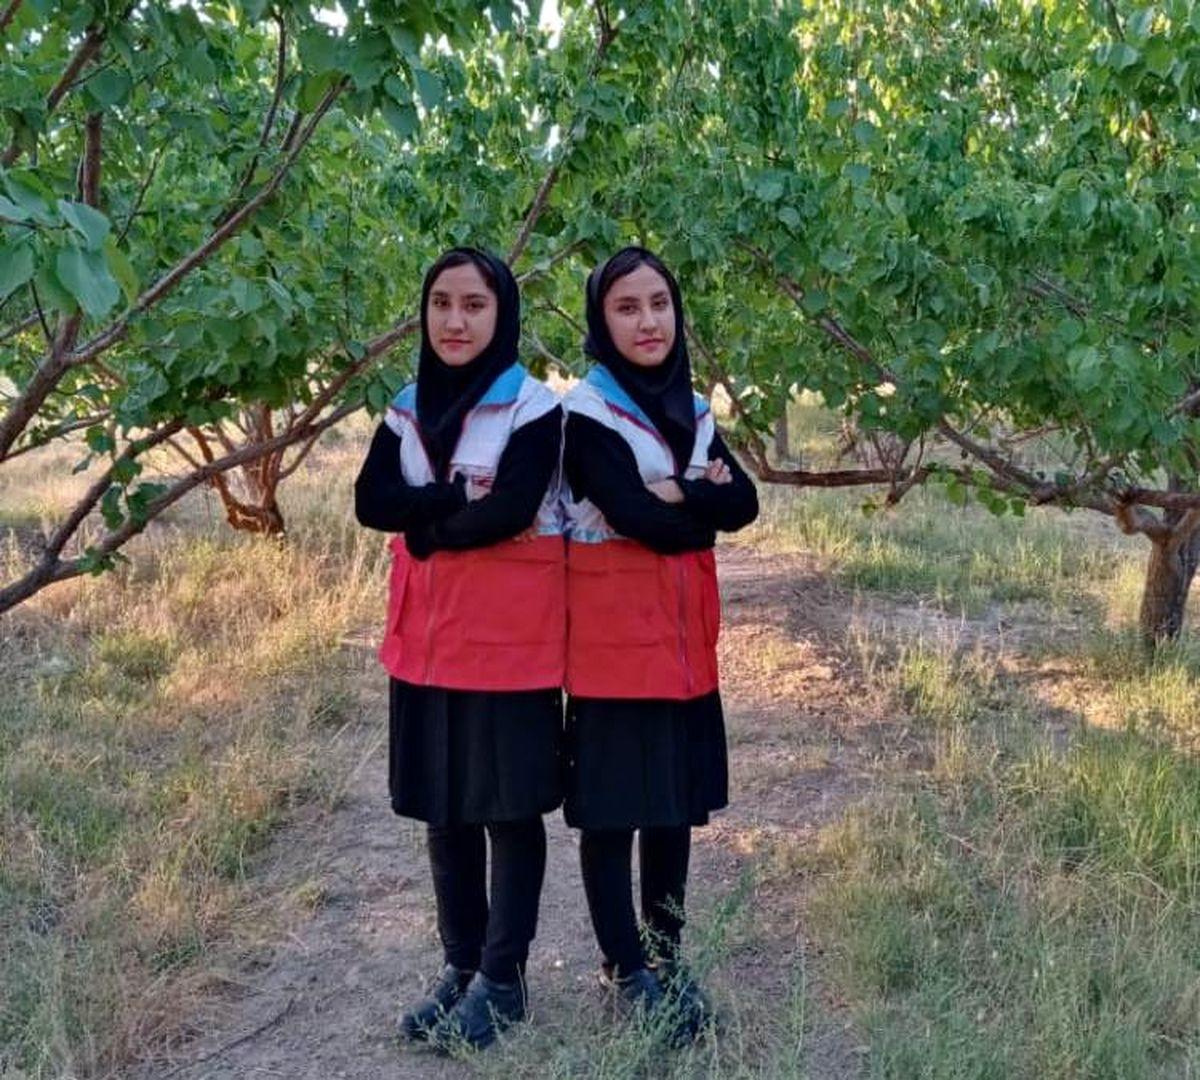 گفتگو با دو عضو جوان هلال احمر استان یزد شهرستان خاتم؛ دوقلوهای بشردوست